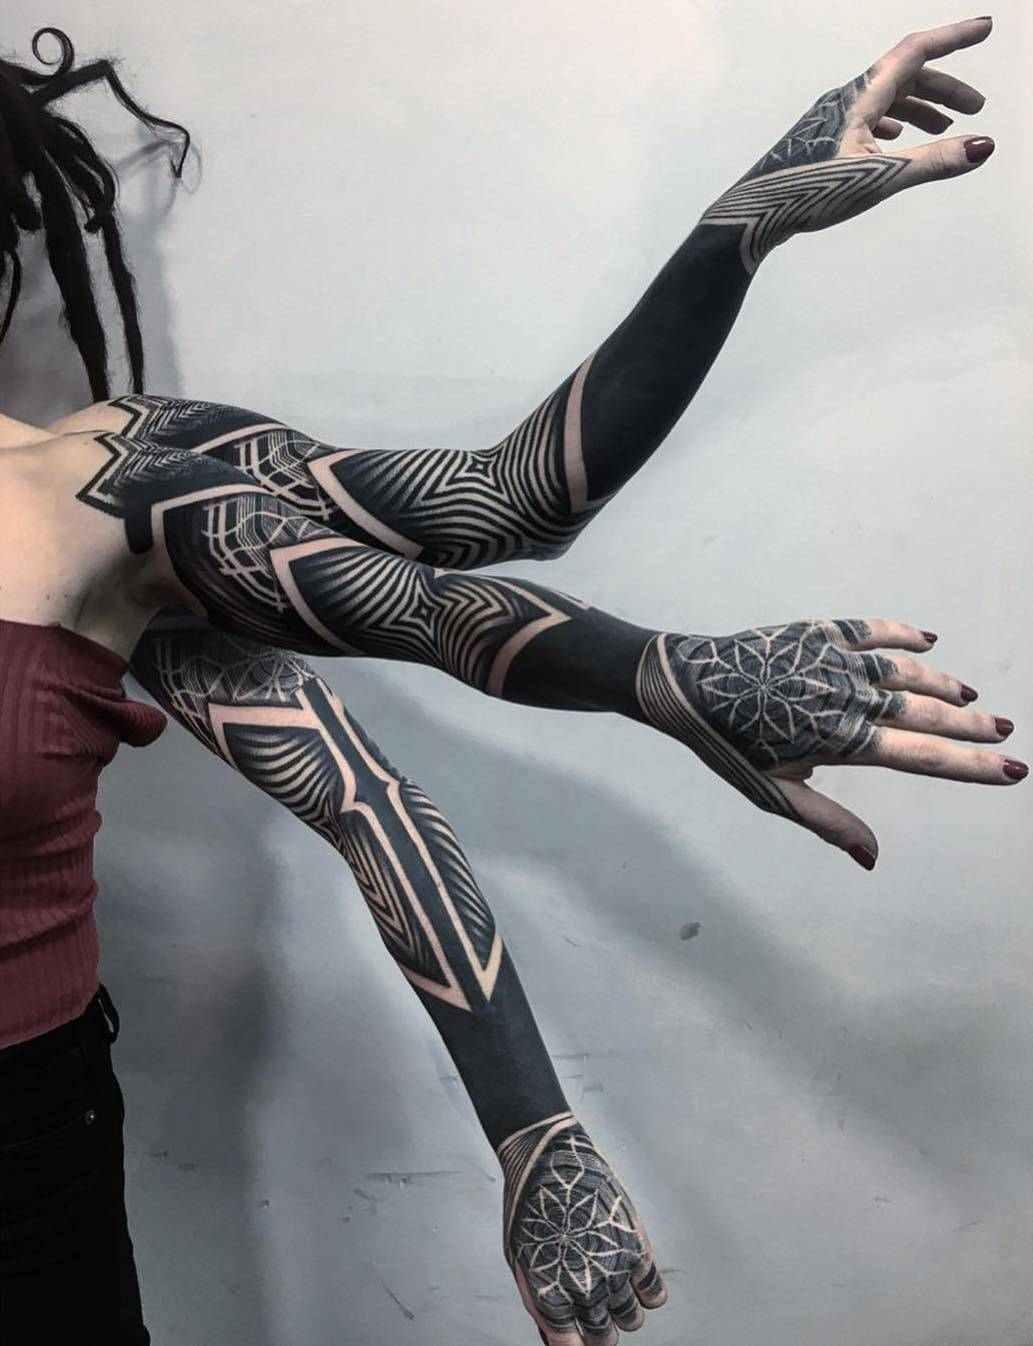 Un tatuaje geometrico en blanco y negro en el brazo de una mujer